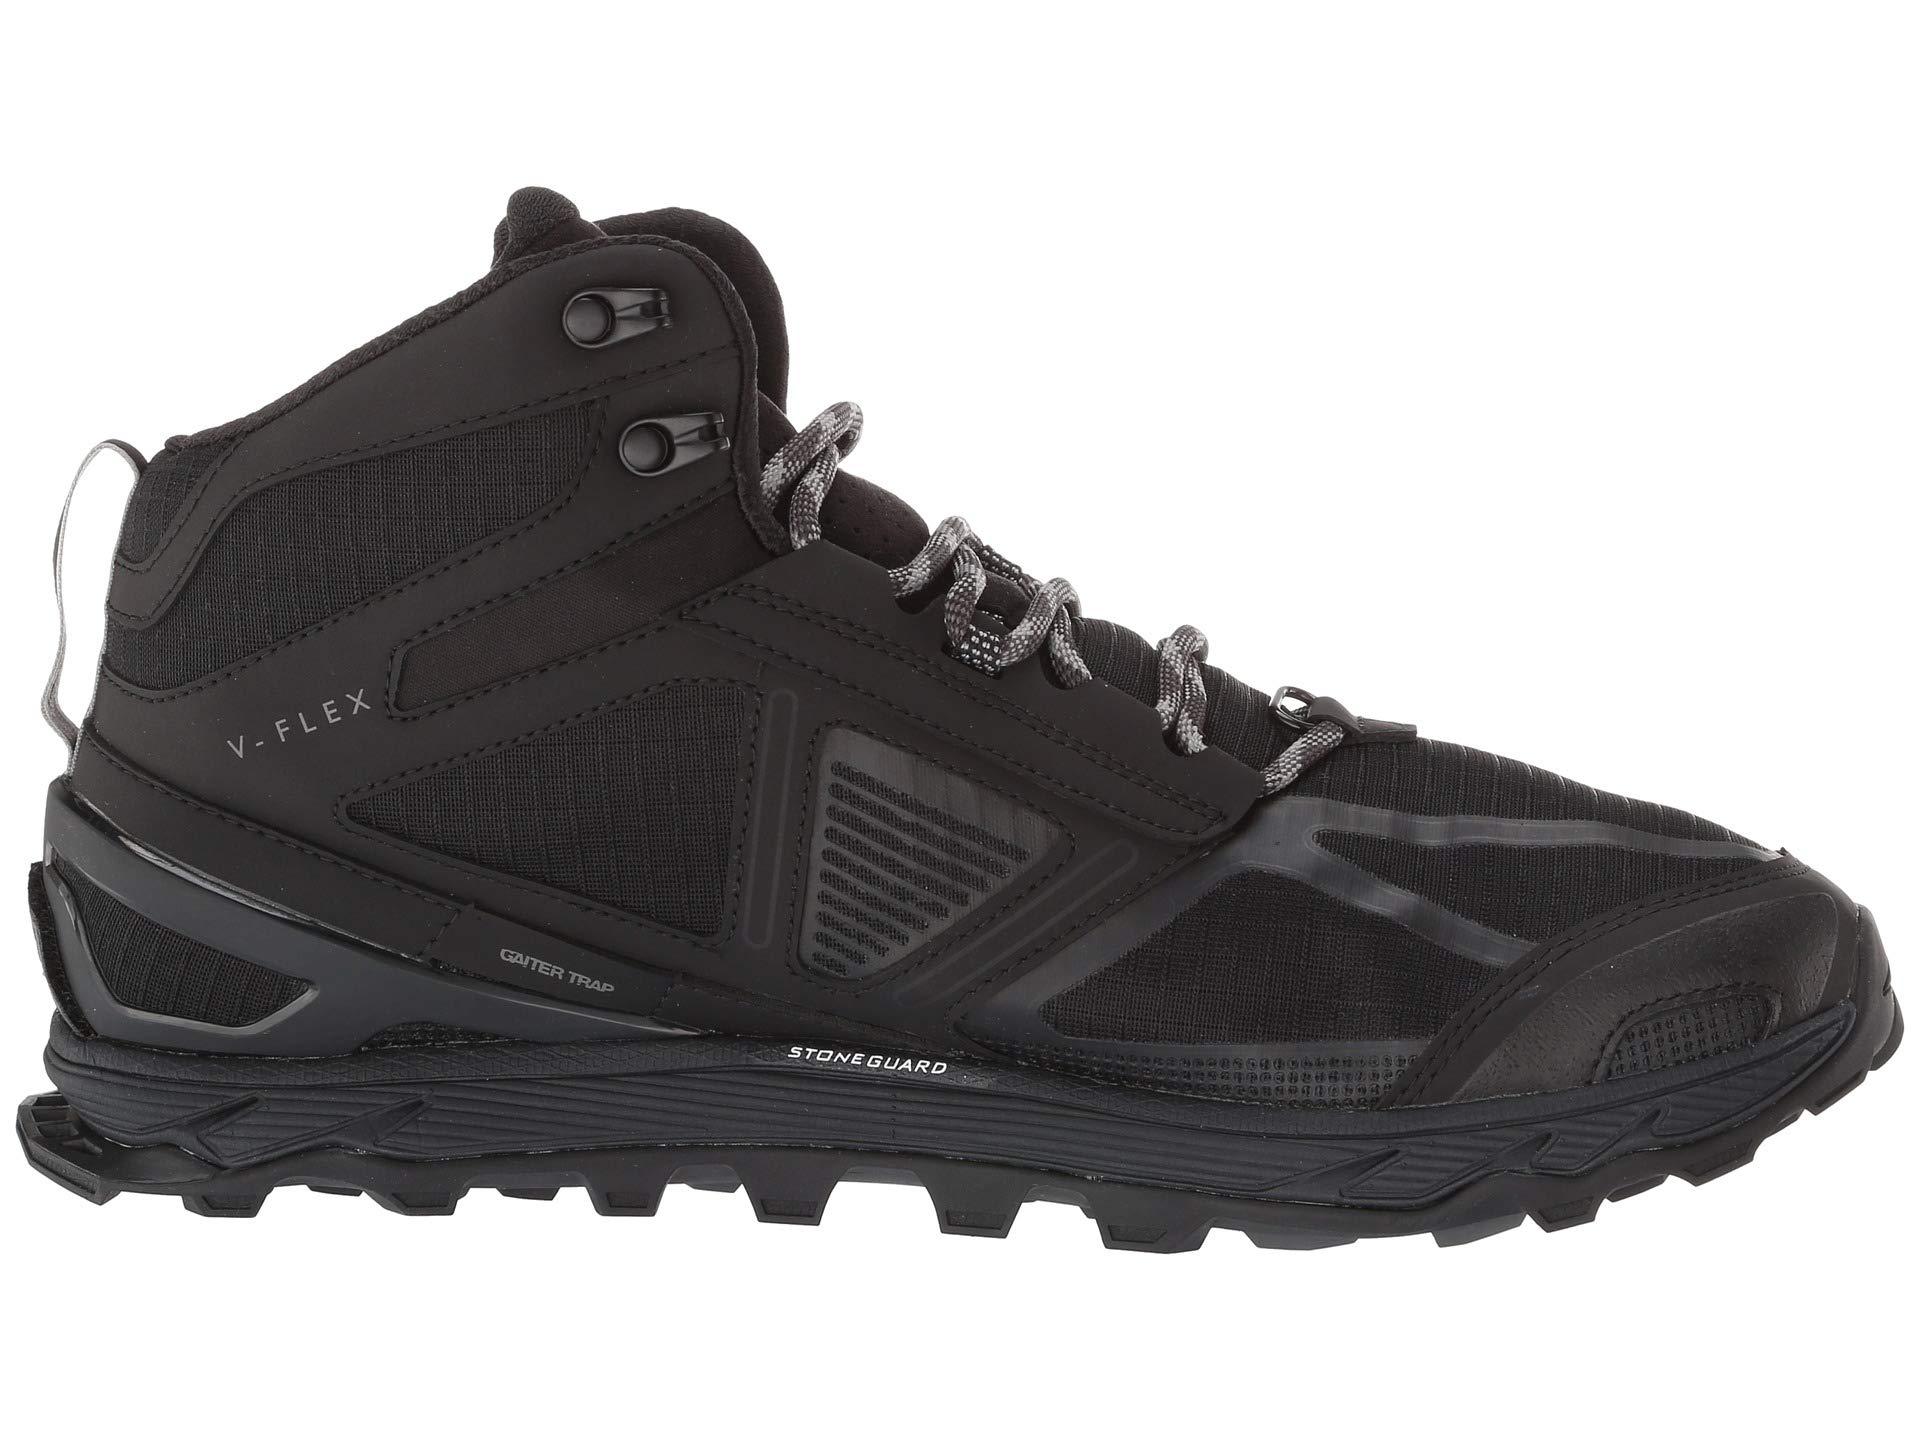 Mesh Black Peak 4 Lone Altra Footwear Mid gxYTwYXq